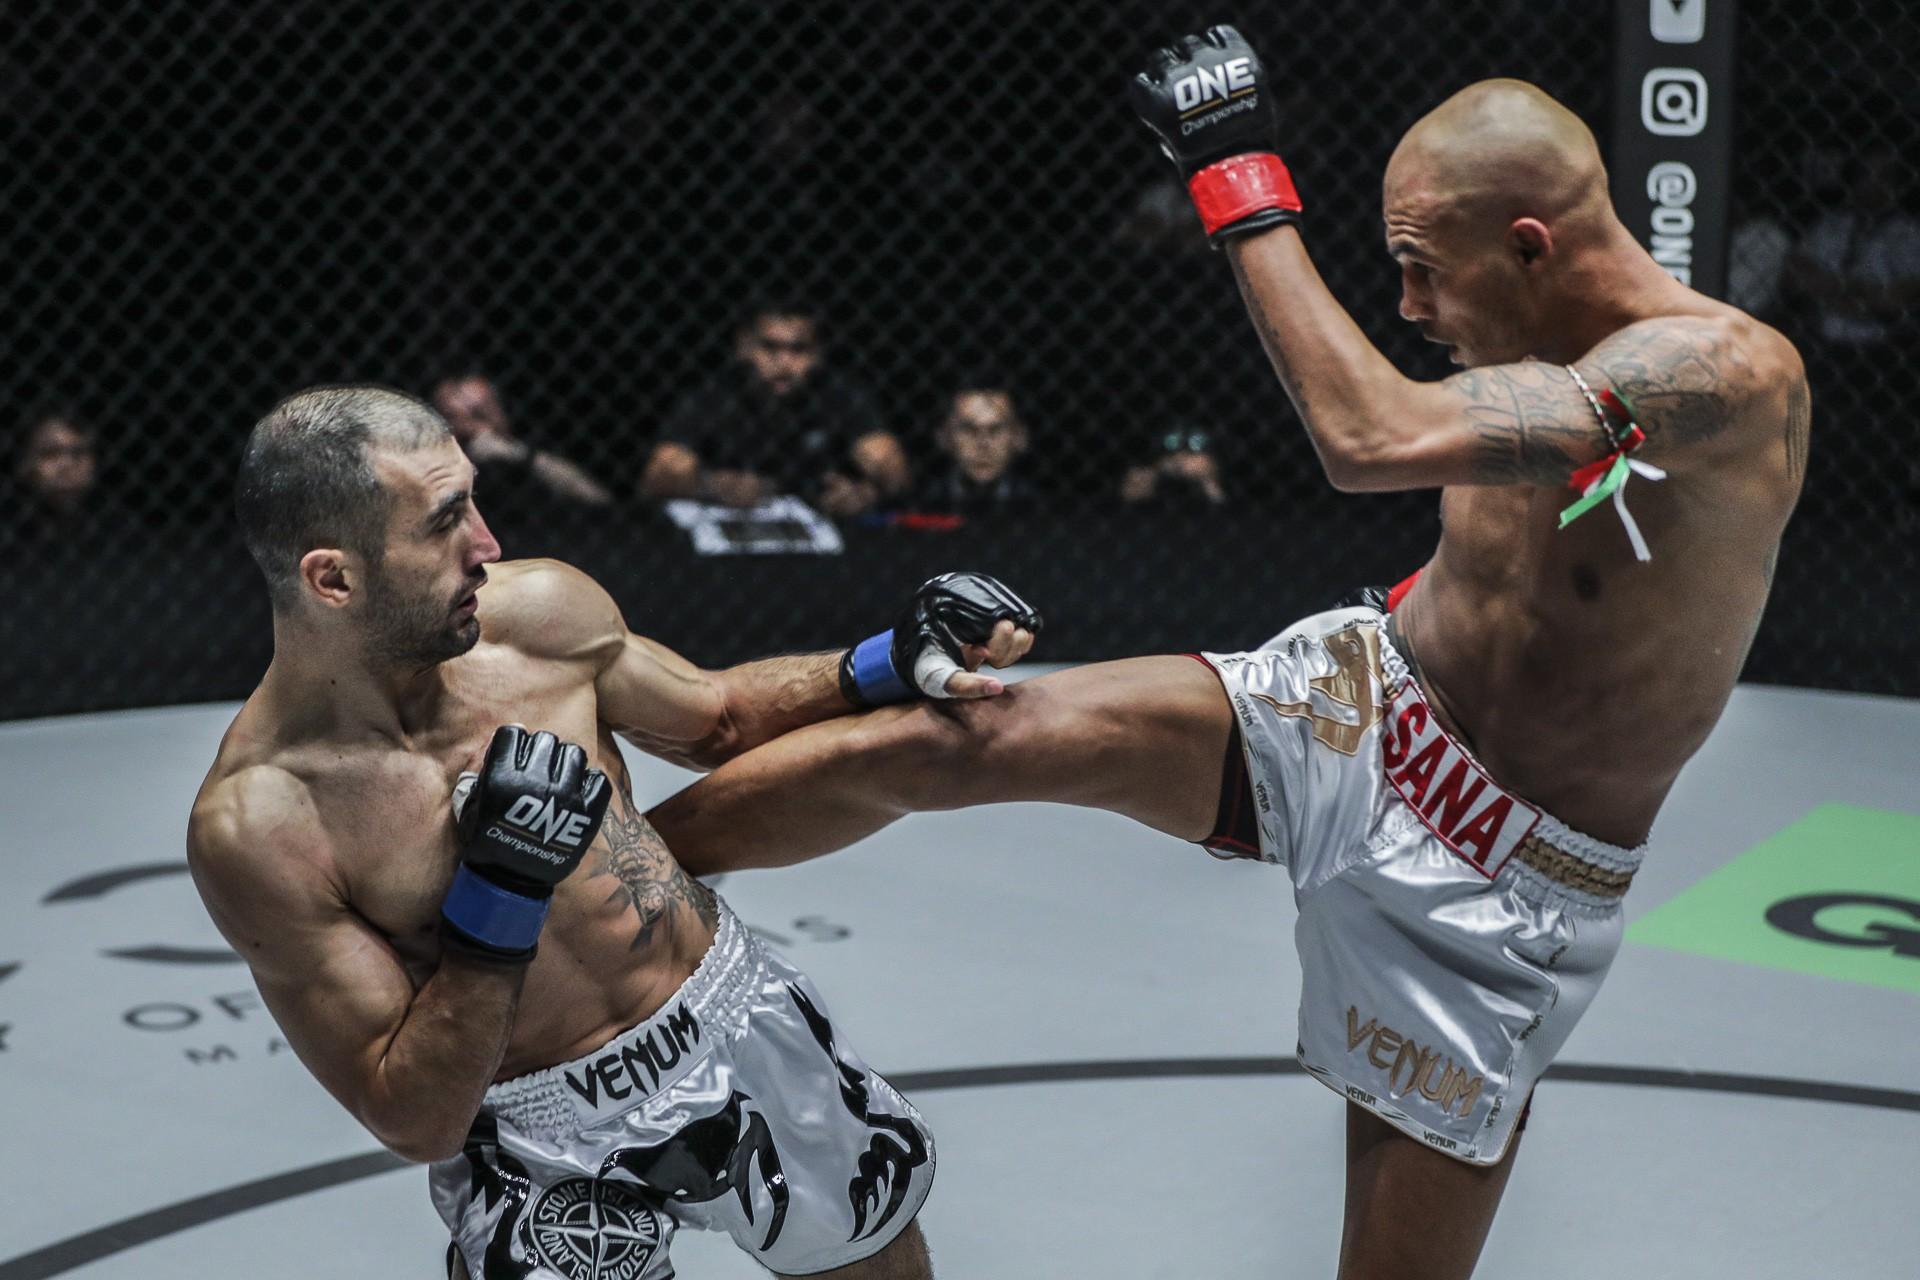 Anh em nhà Petrosyan, niềm vui không trọn vẹn tại ONE Championship - Ảnh 9.